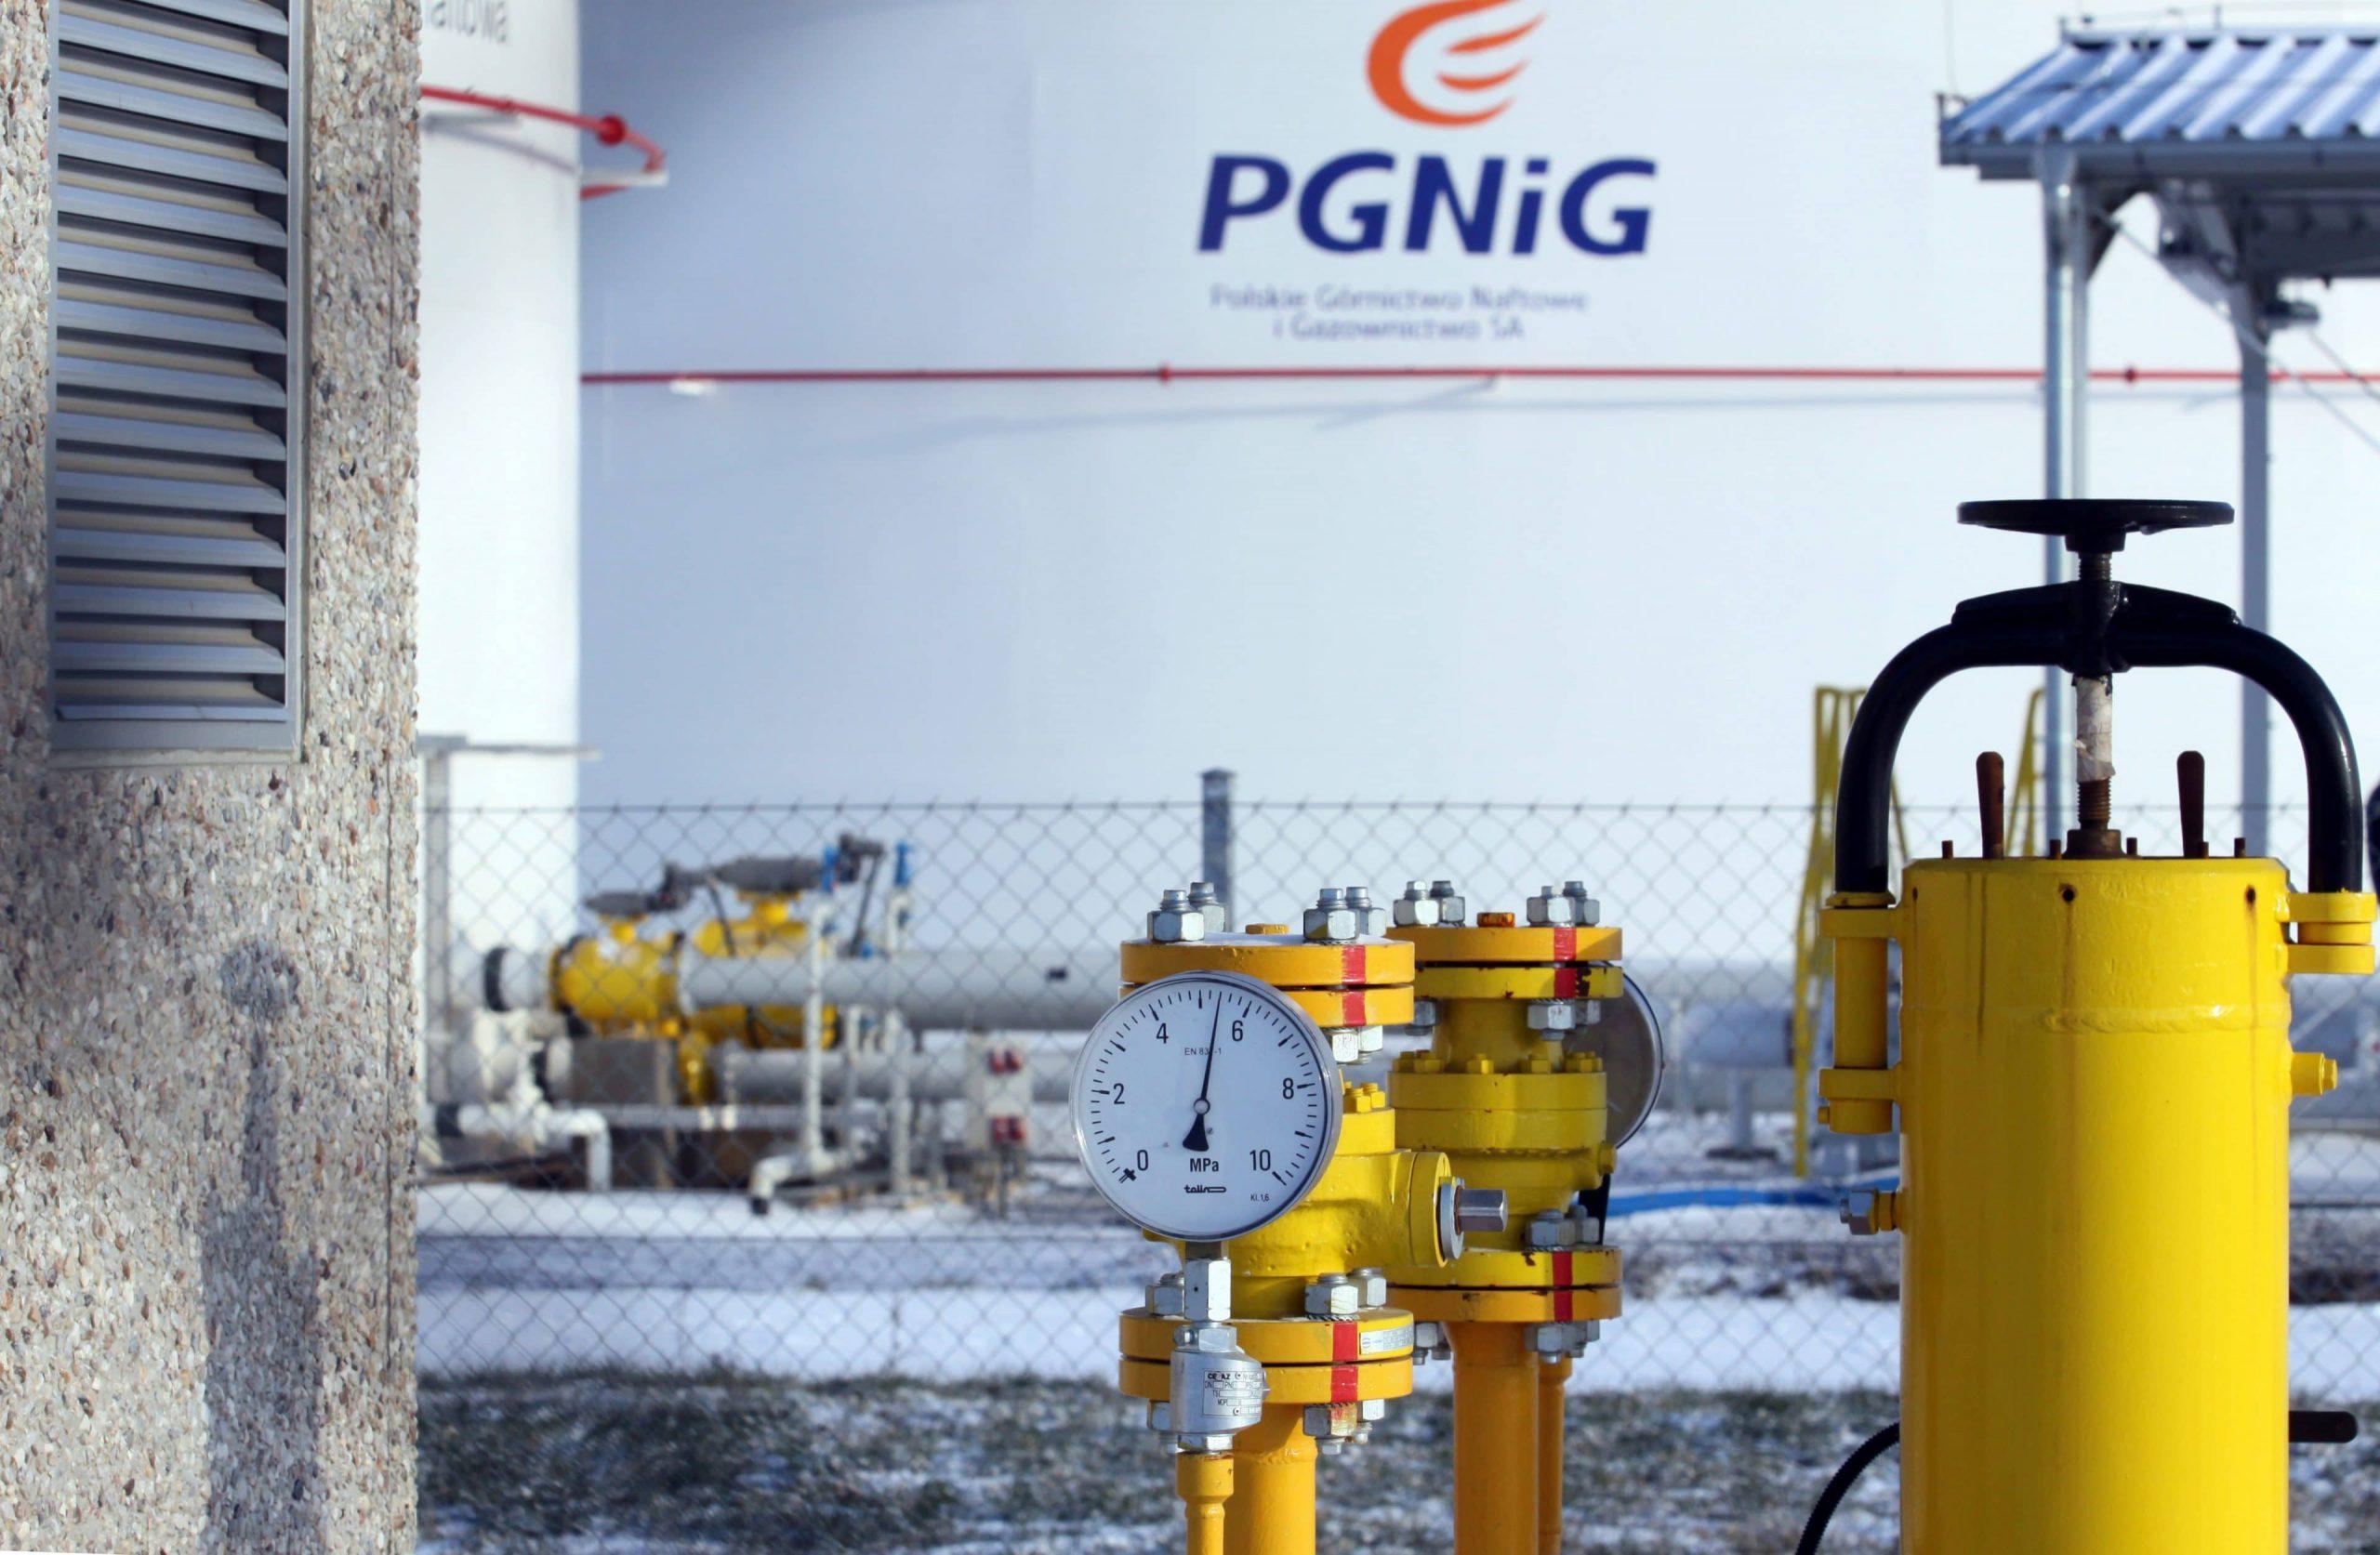 Polonia continúa su búsqueda para retrasar el inicio de Nord Stream 2